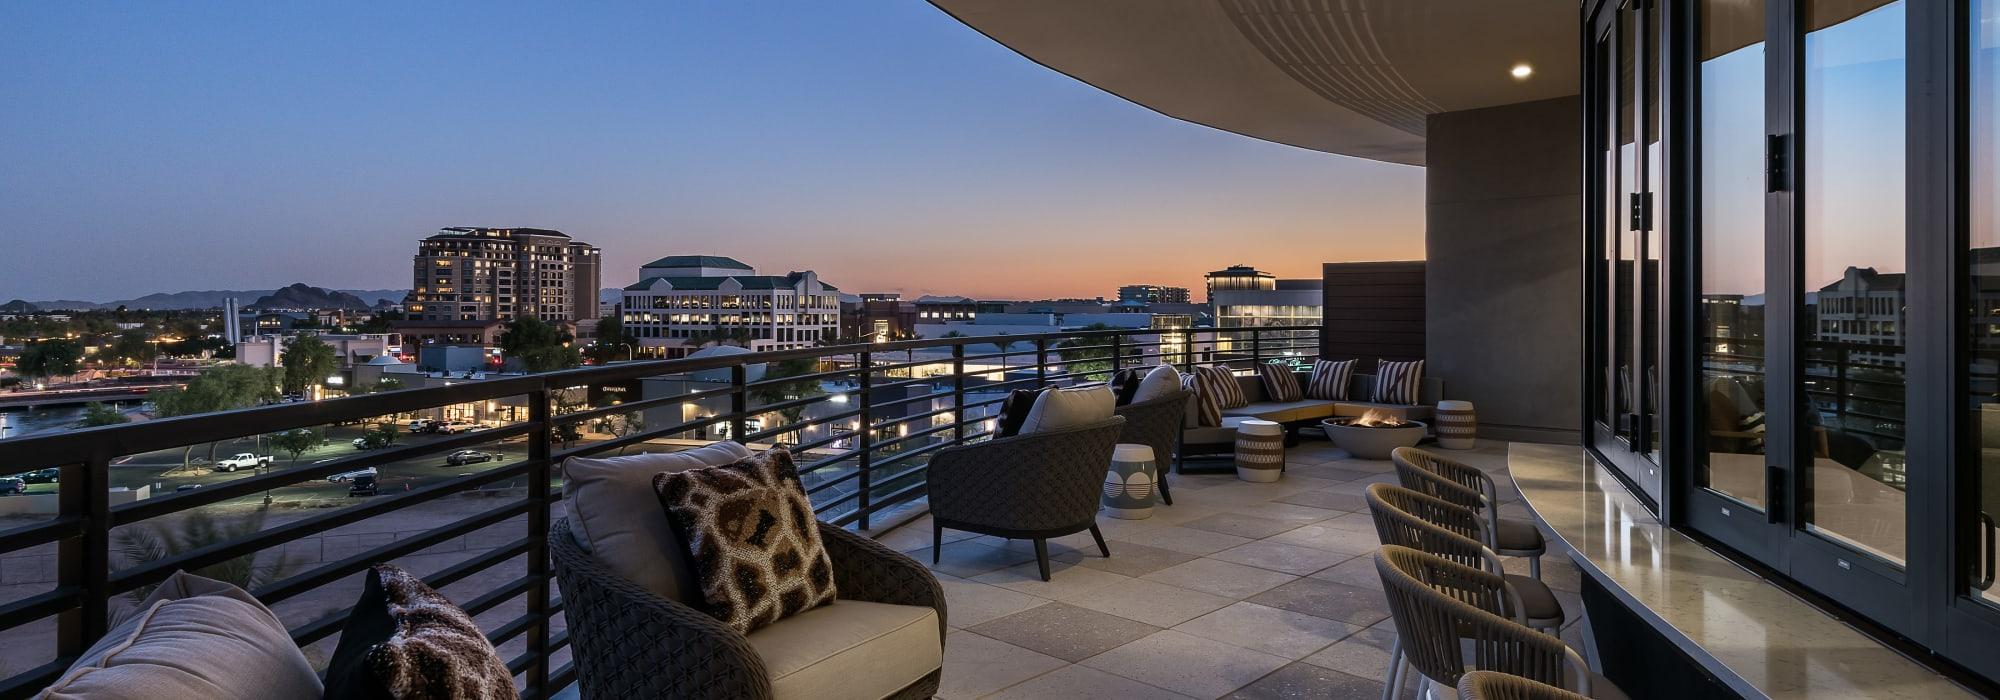 Balcony view of Scottsdale from Gramercy Scottsdale in Scottsdale, Arizona